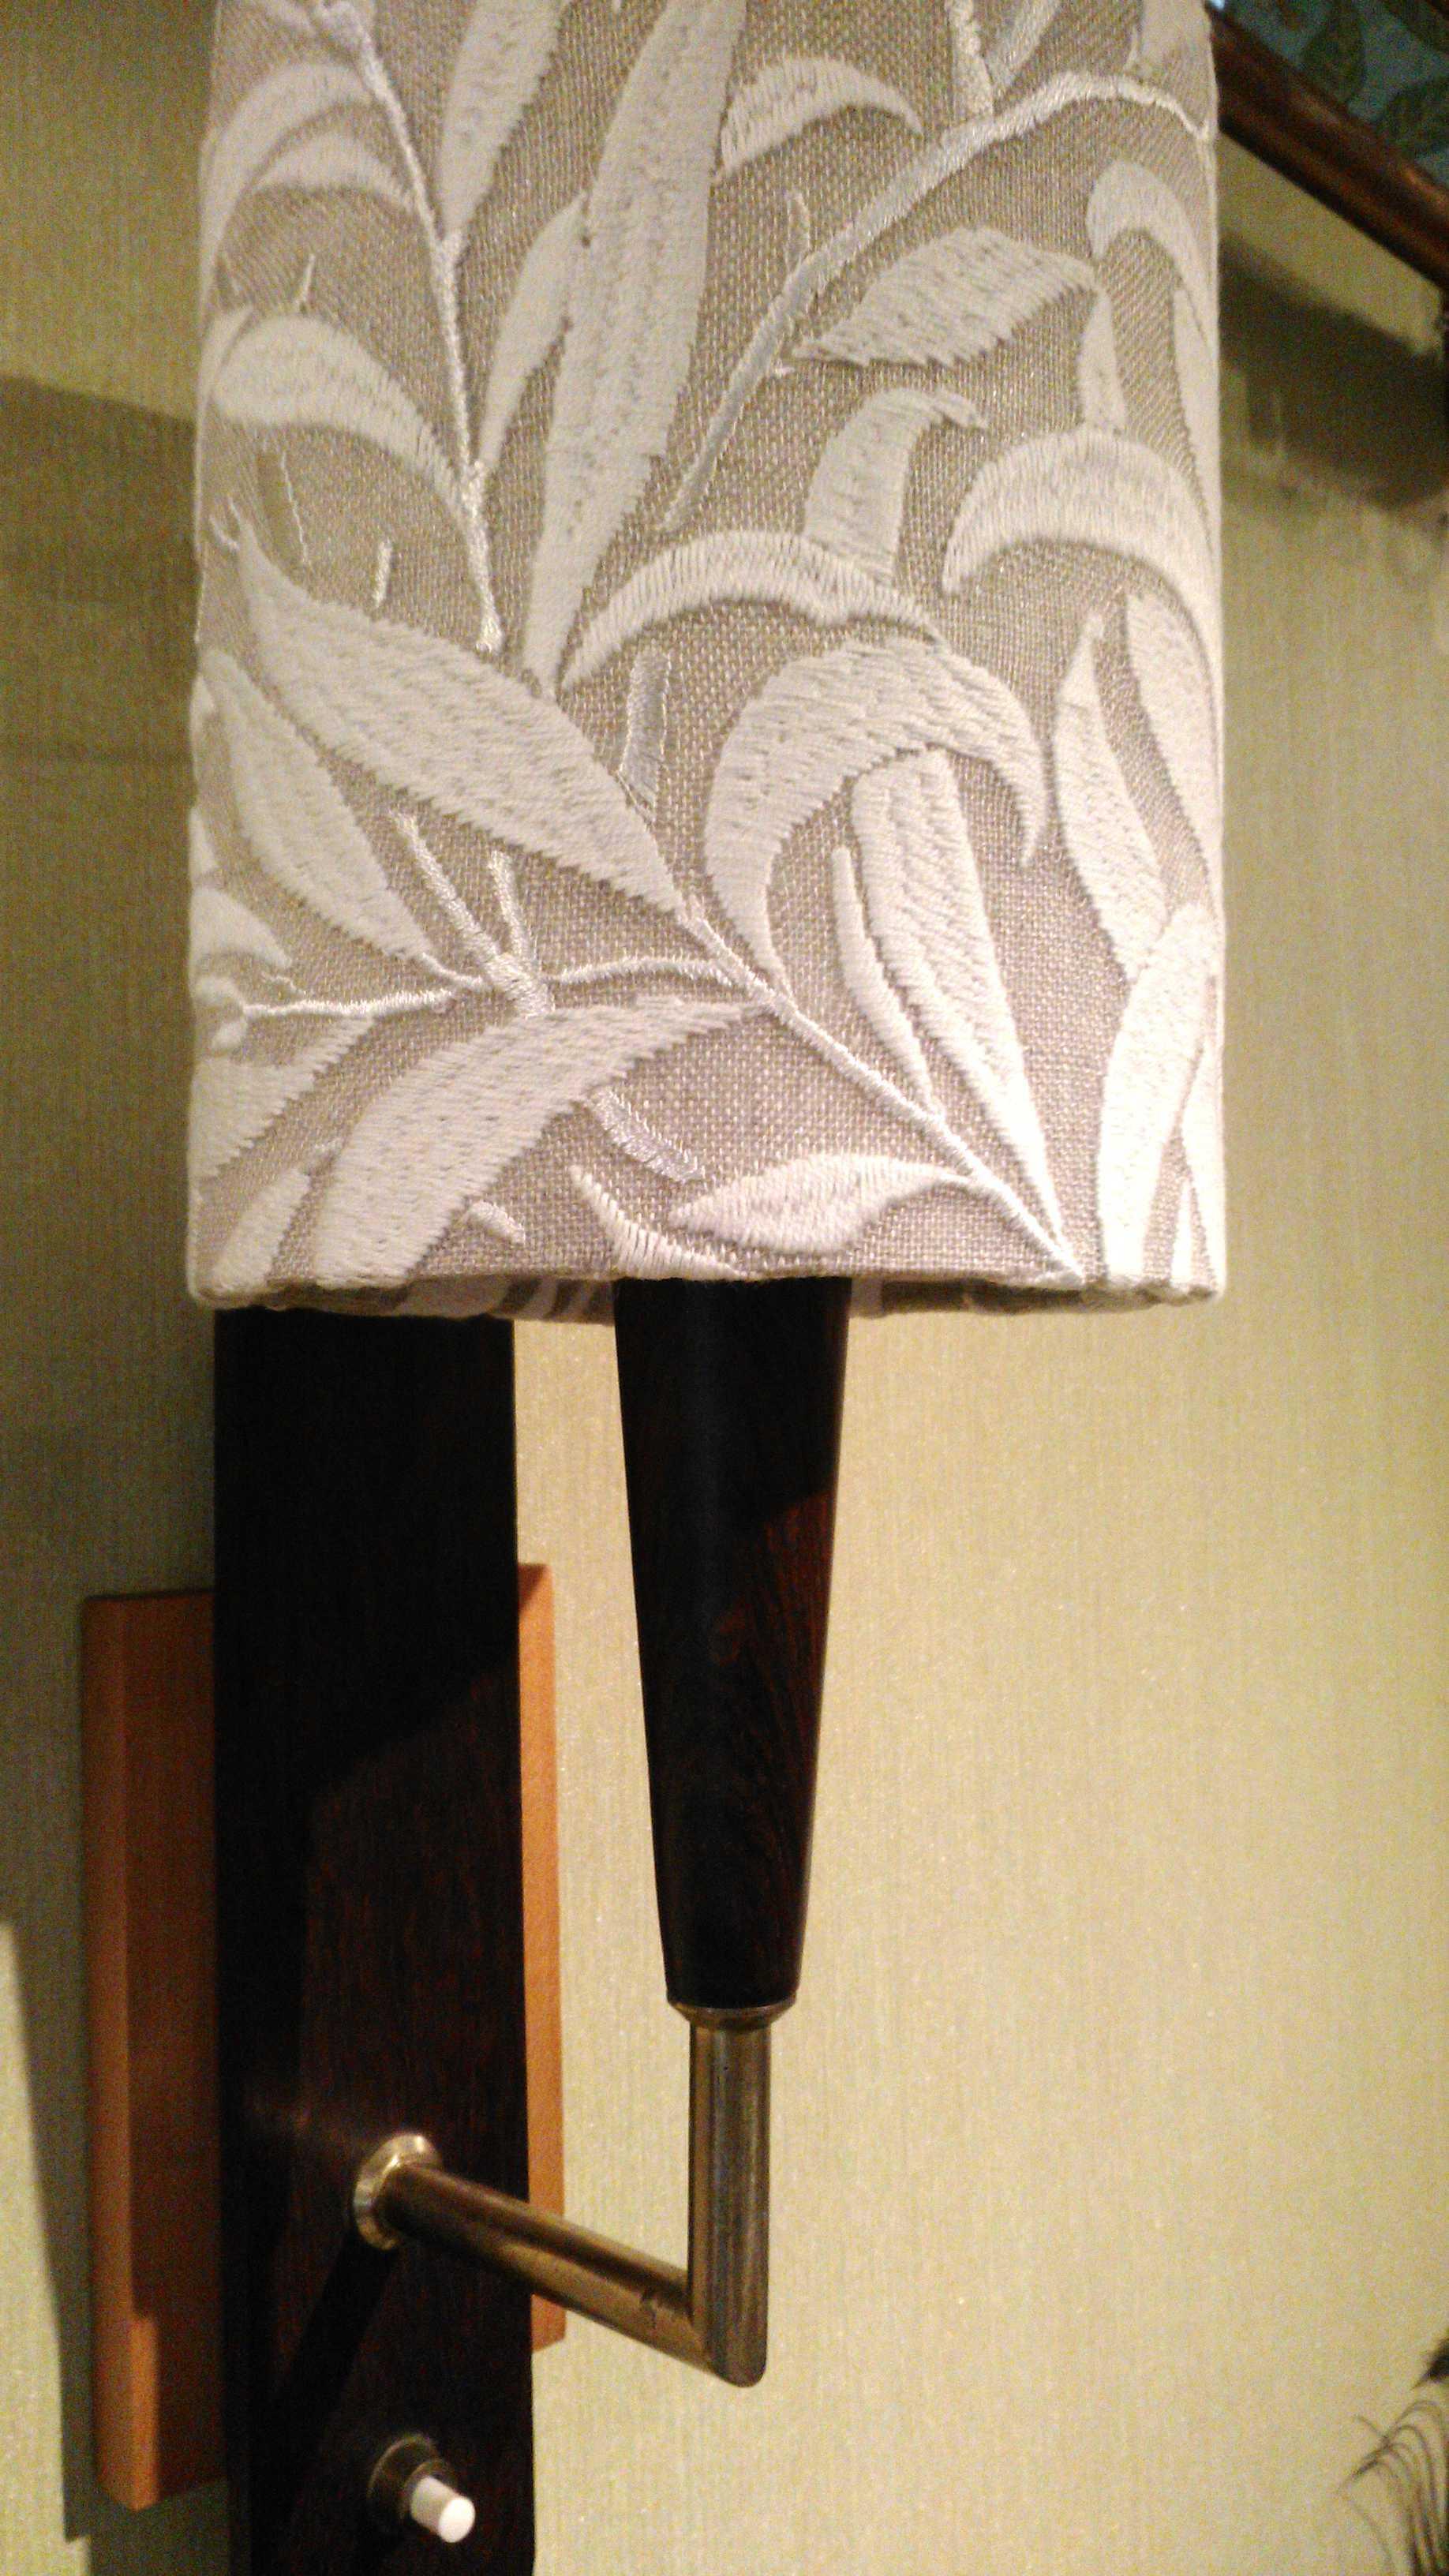 ピュアモリス ランプシェード製作 モリス正規販売店のブライト_c0157866_17573711.jpg